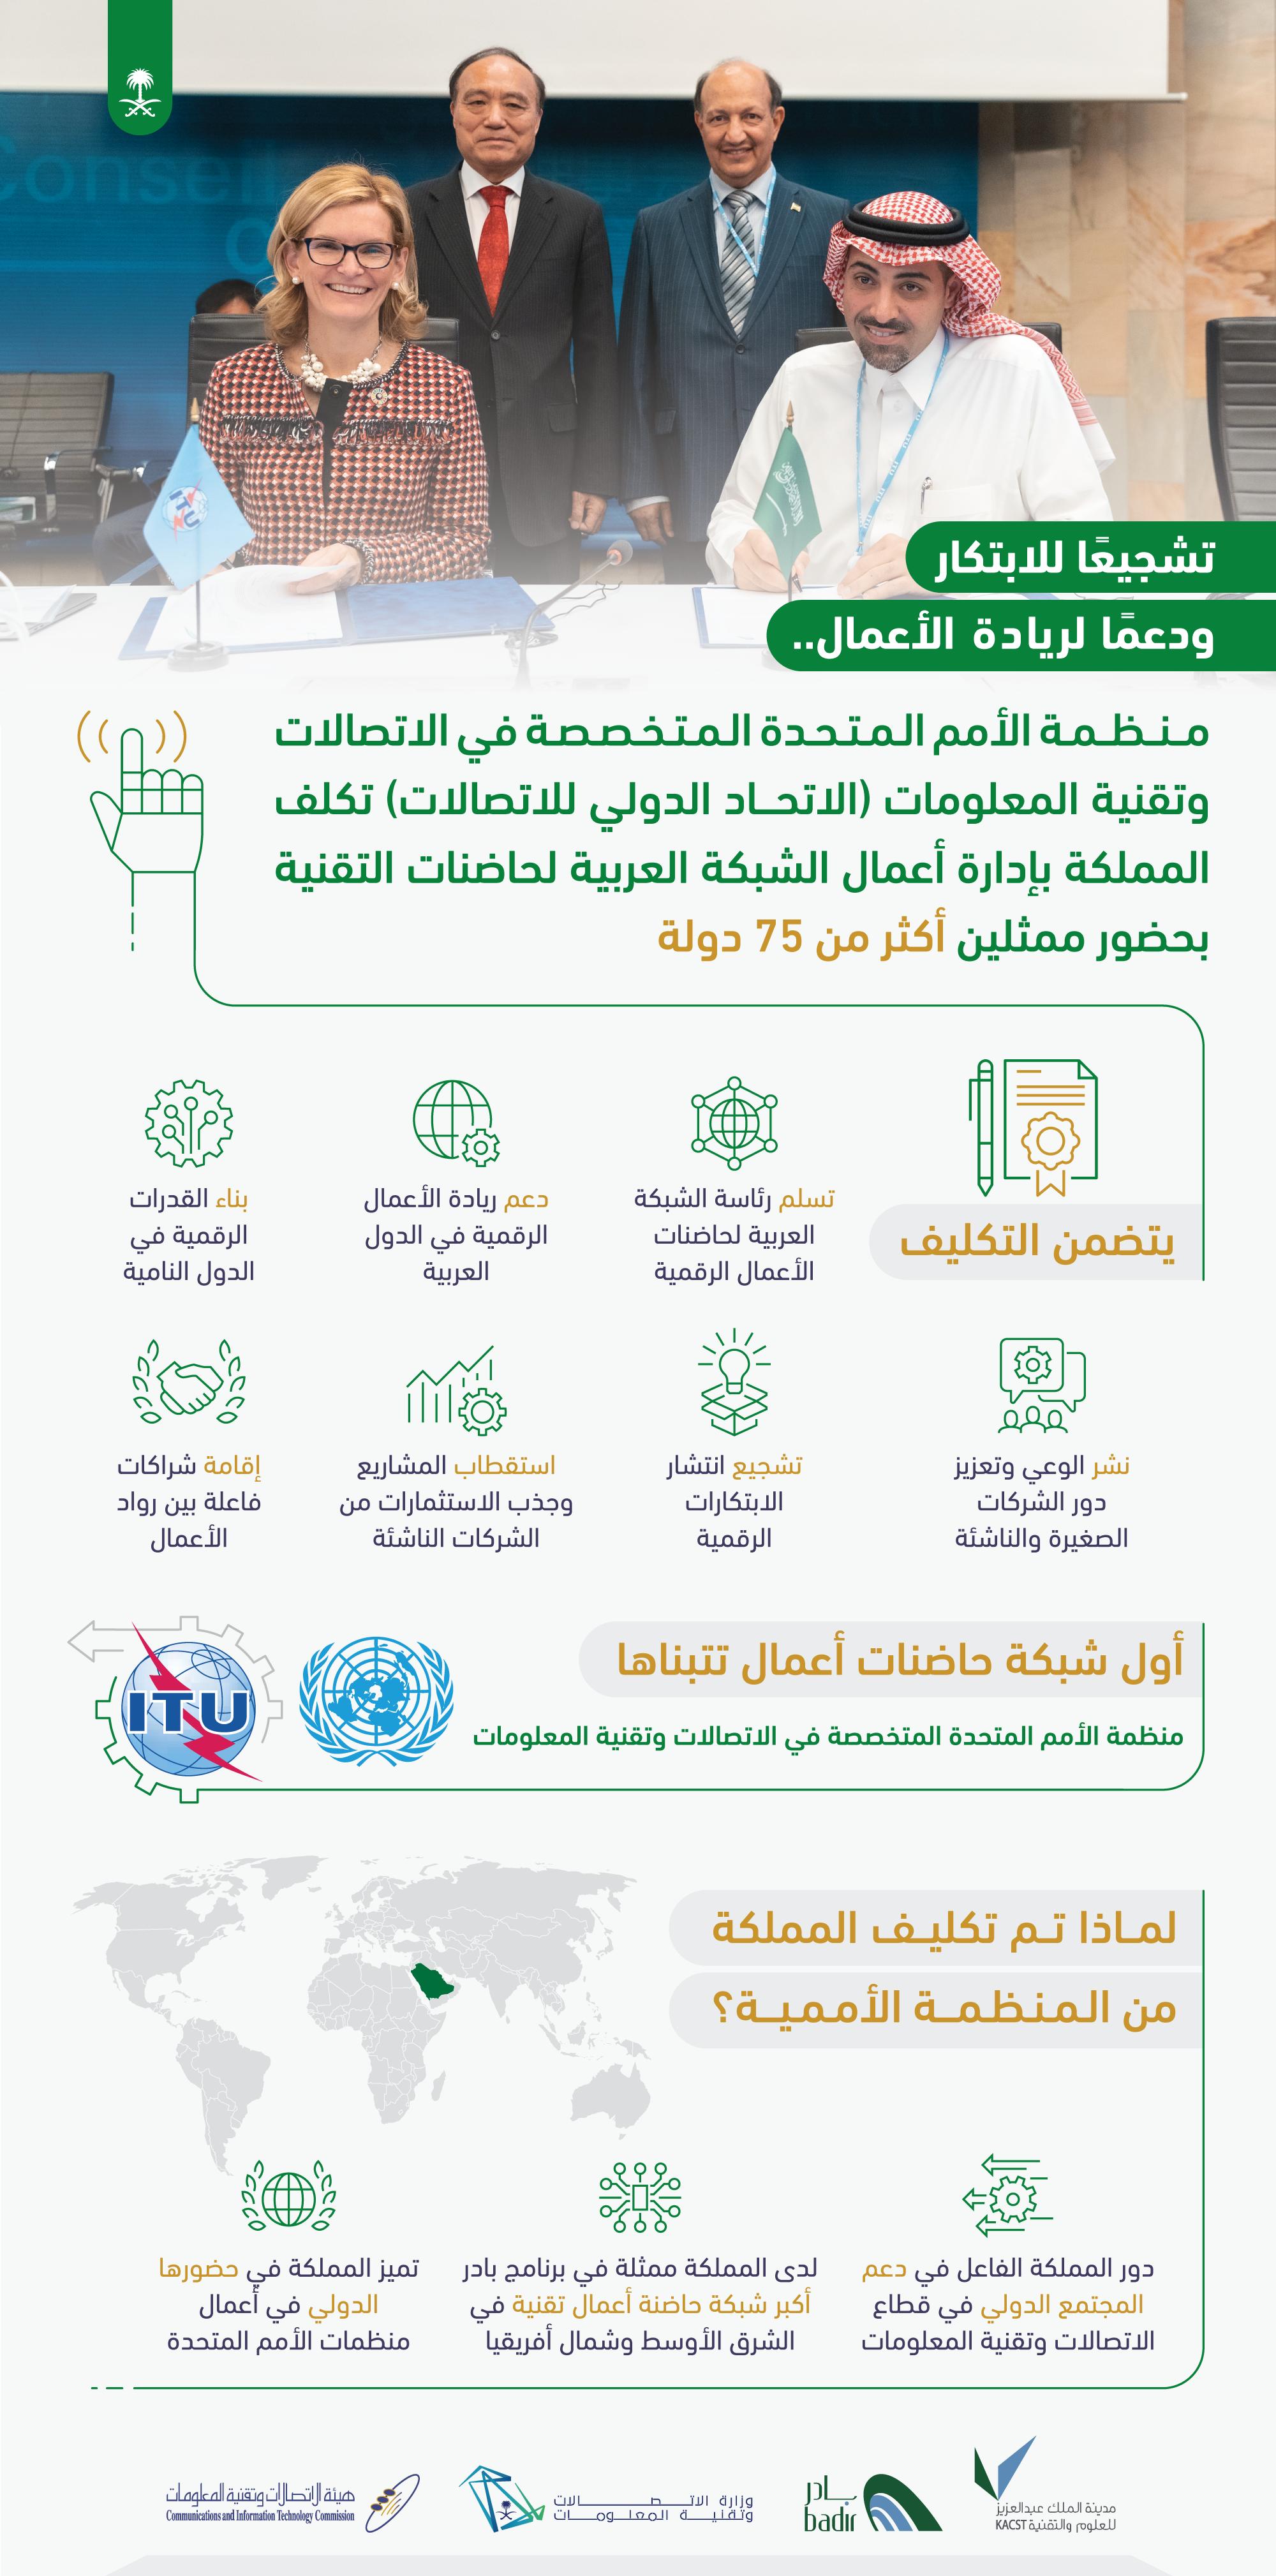 _توقع-اتفاقية-إدارة-أعمال-الشبكة-العربية-لحاضنات-التقنية-V2